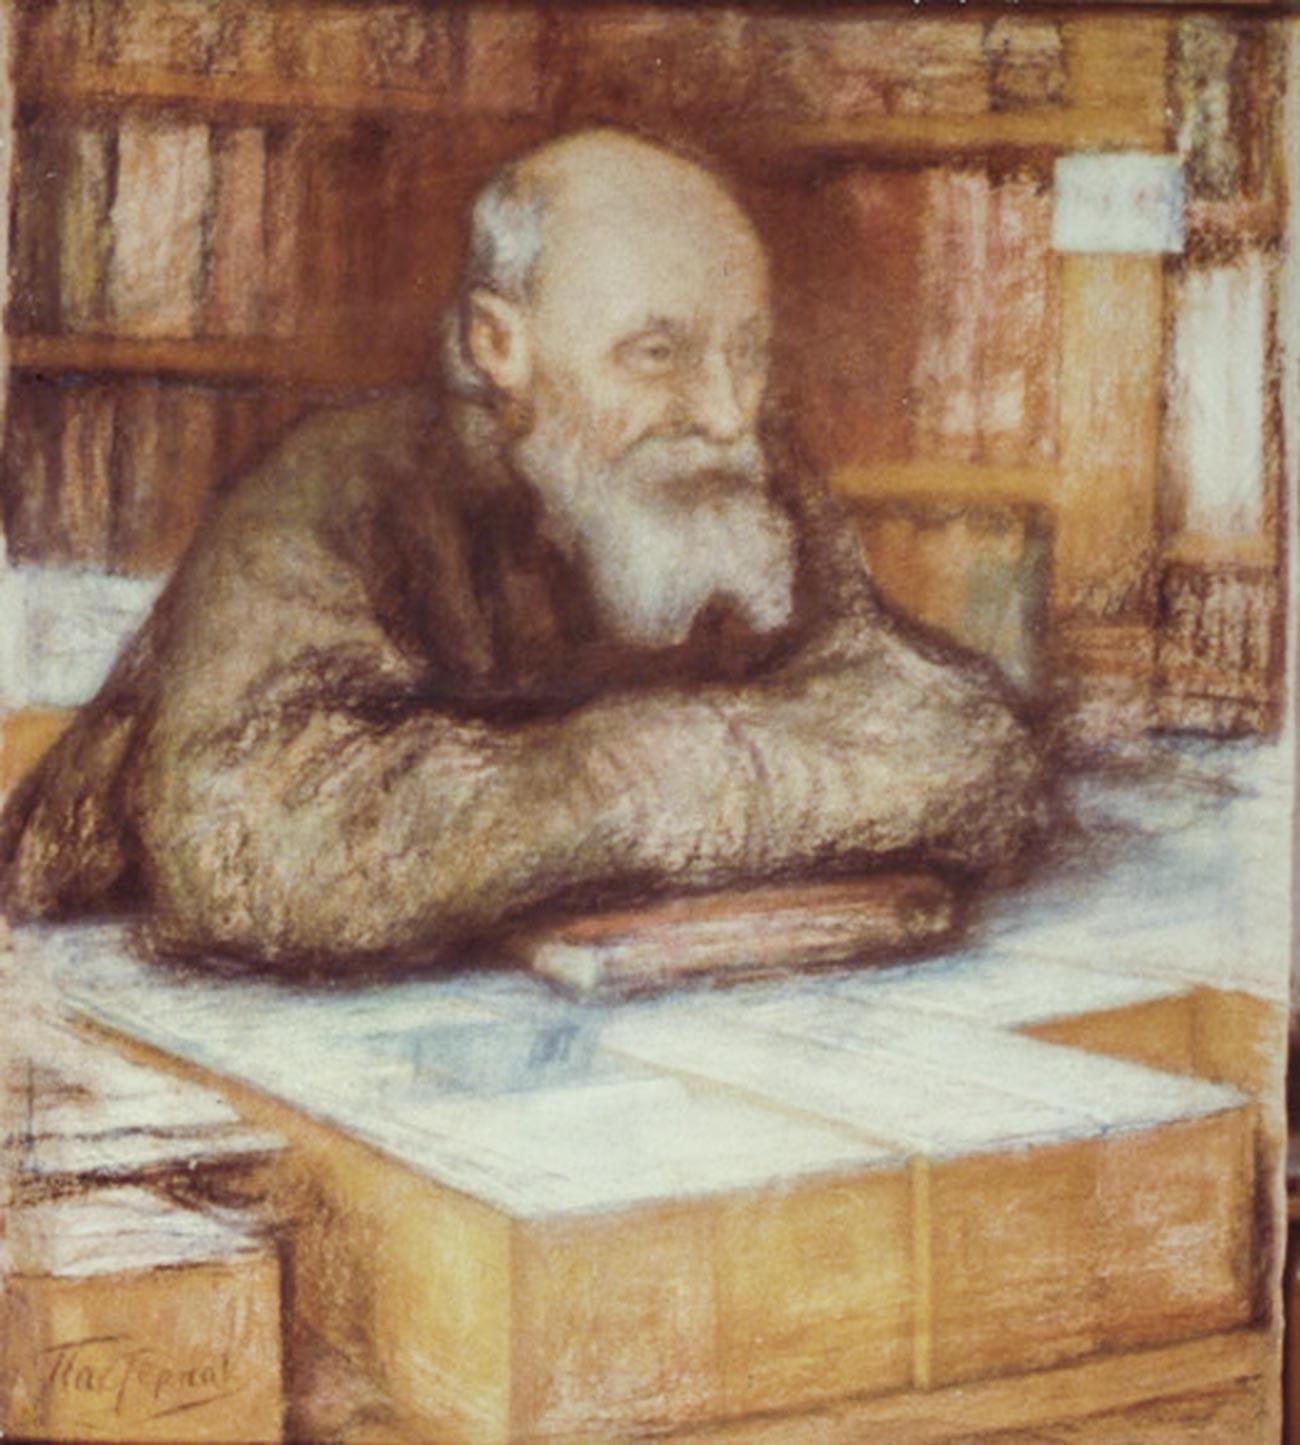 Ritratto di Nikolaj Fjodorov realizzato da Leonid Pasternak